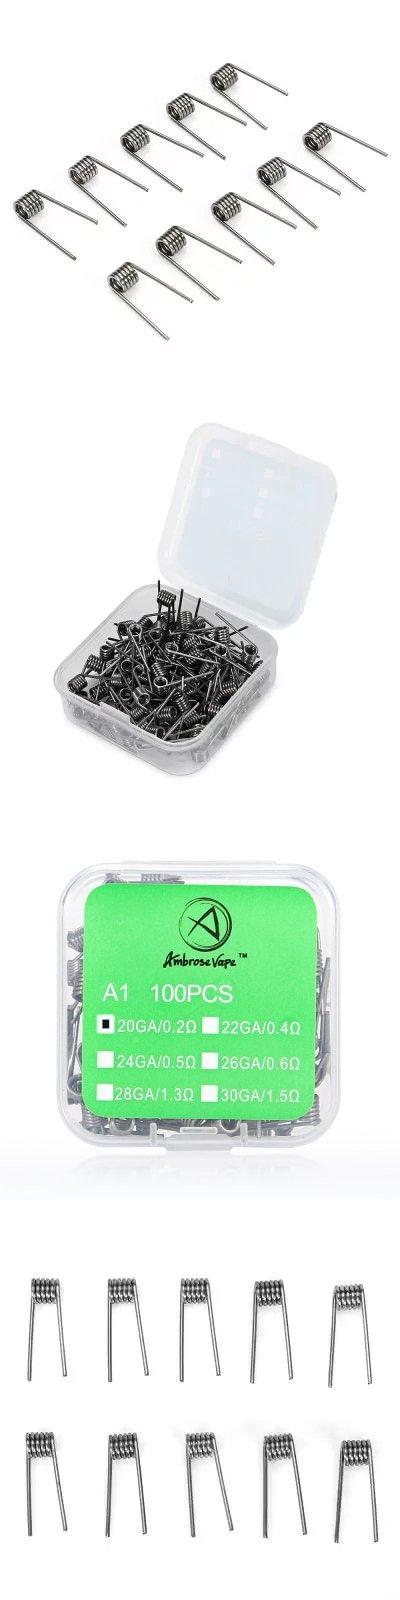 AMBROSEVAPE 0.2 ohm Coils for E Cigarette ( 100pcs ) -$3.74